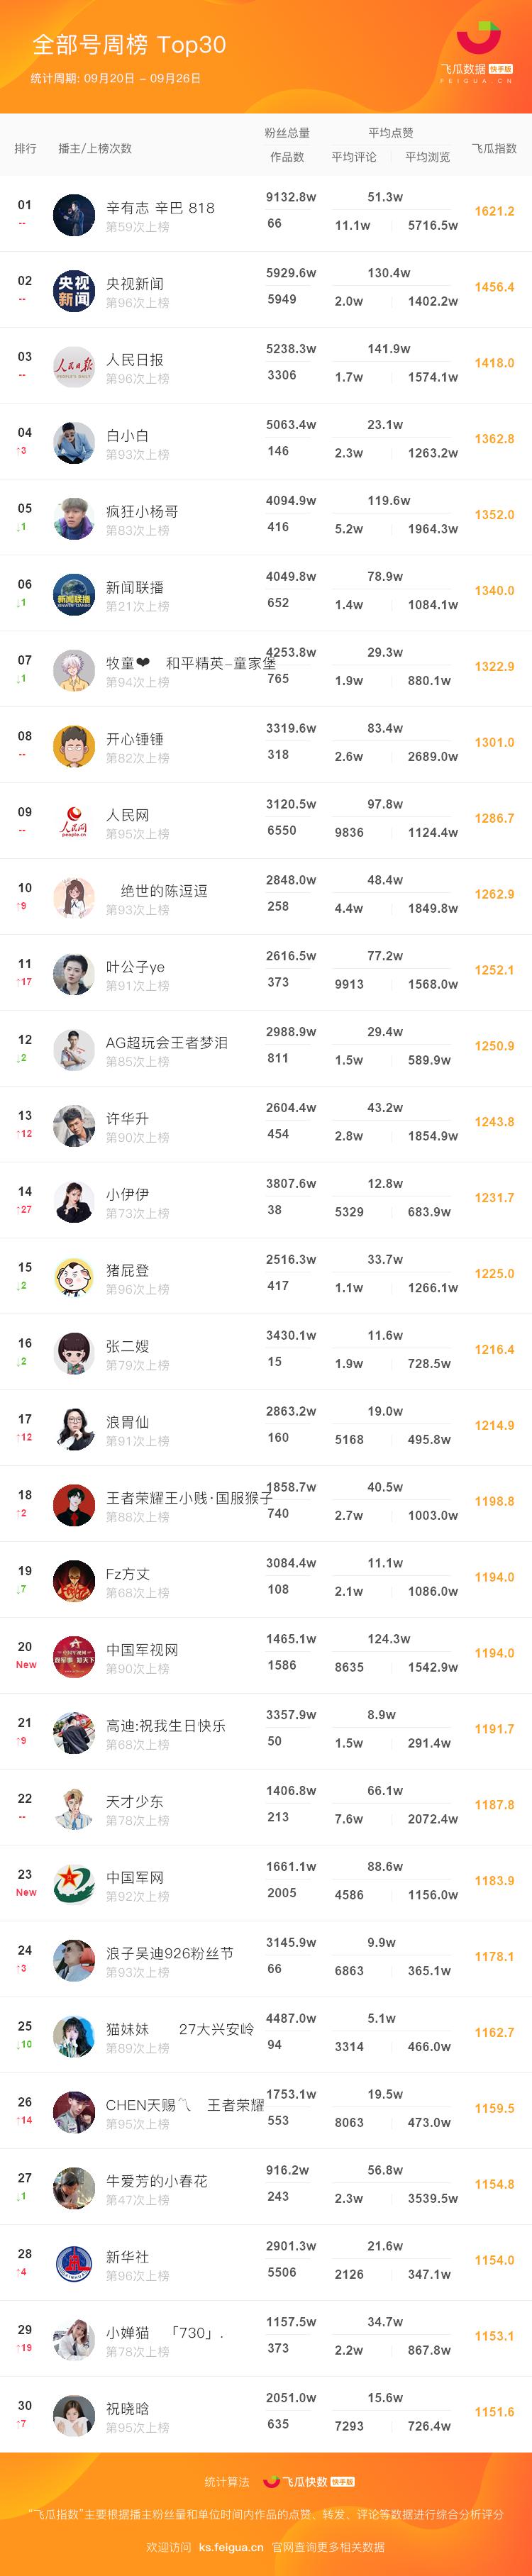 快手行业达人周榜-TOP30